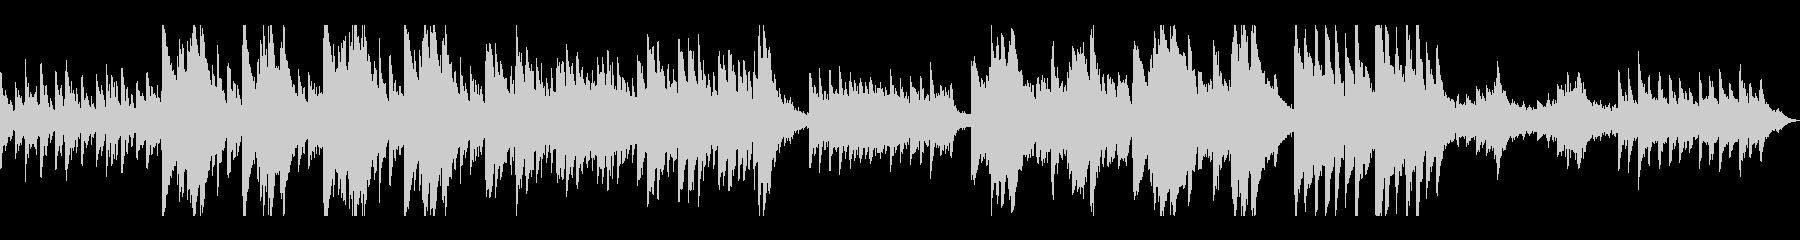 ダークなイメージのピアノの未再生の波形